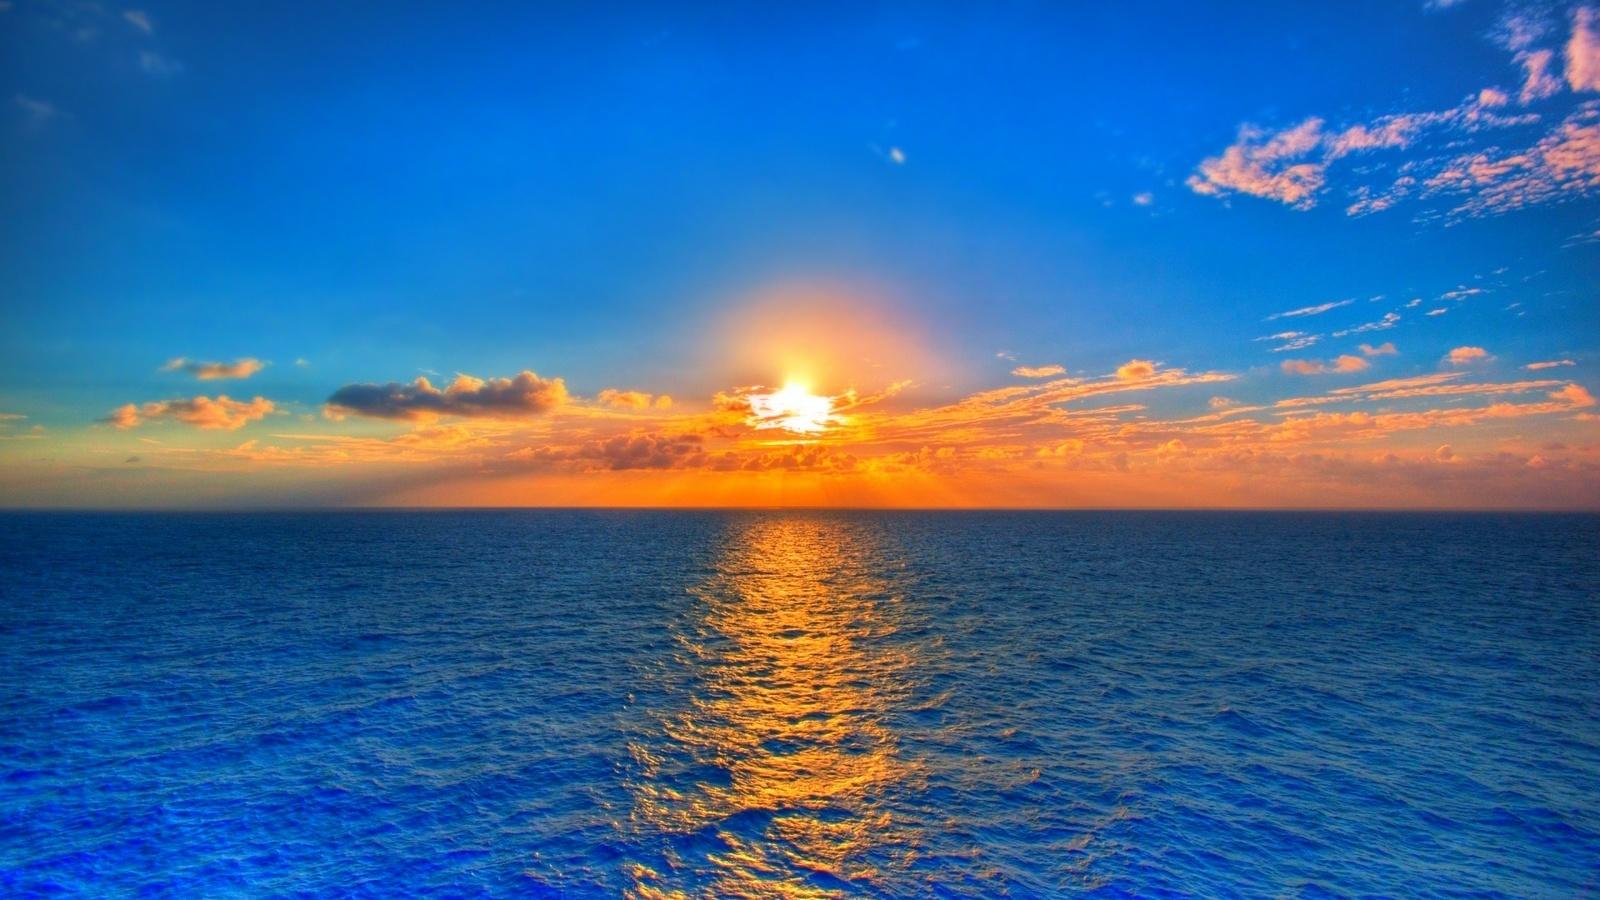 картинки синее солнце герой служил чечне